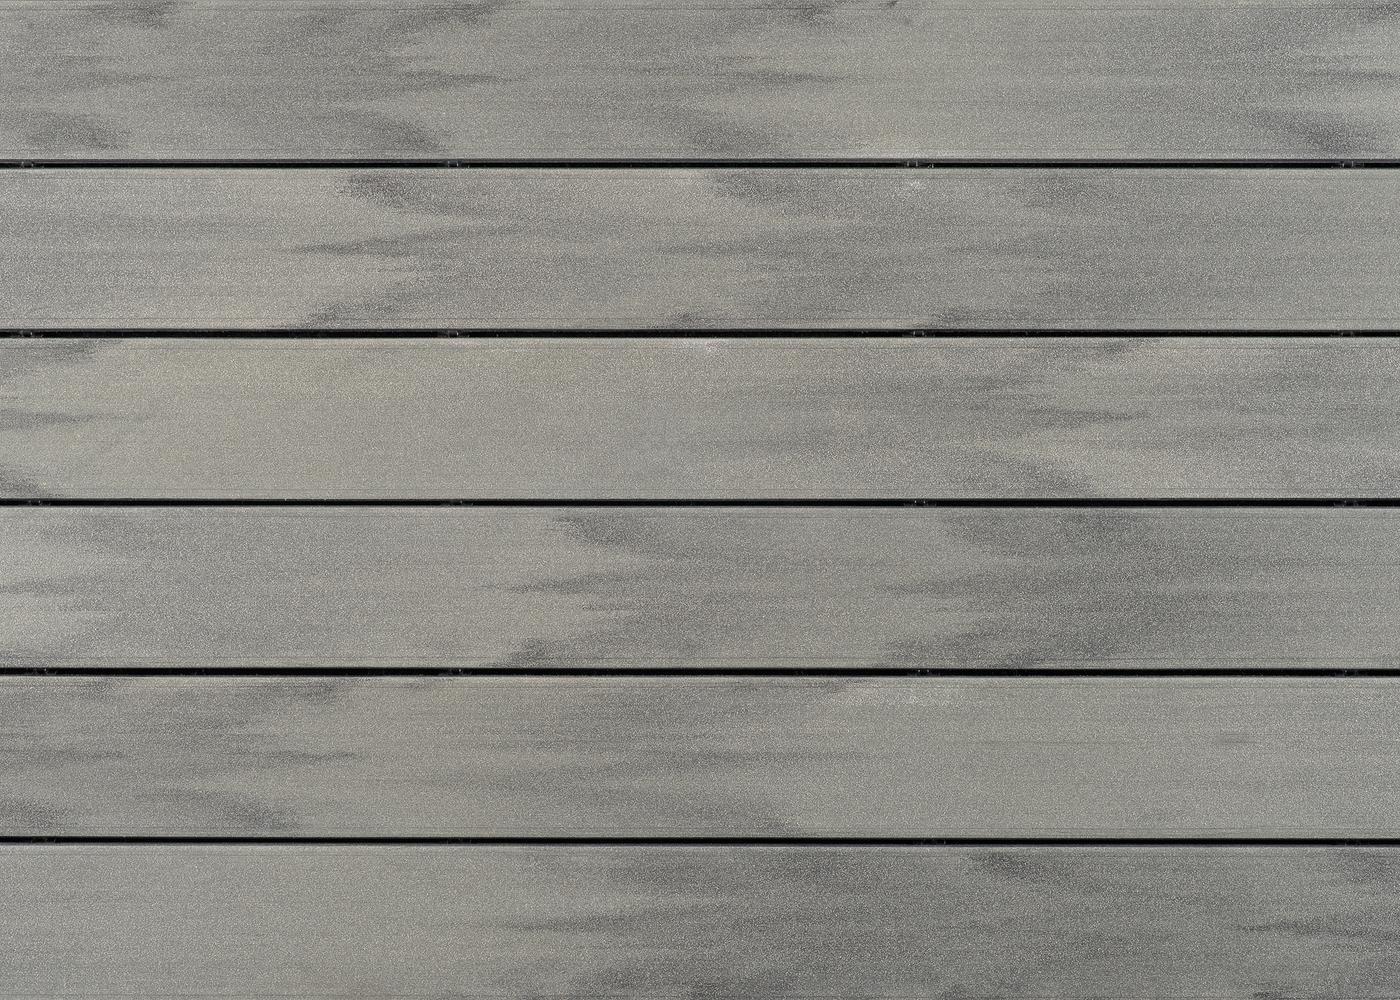 Bois Composite Teinte Emotion Gris Taïga Fixation Invisible Lisse 23x138x4000